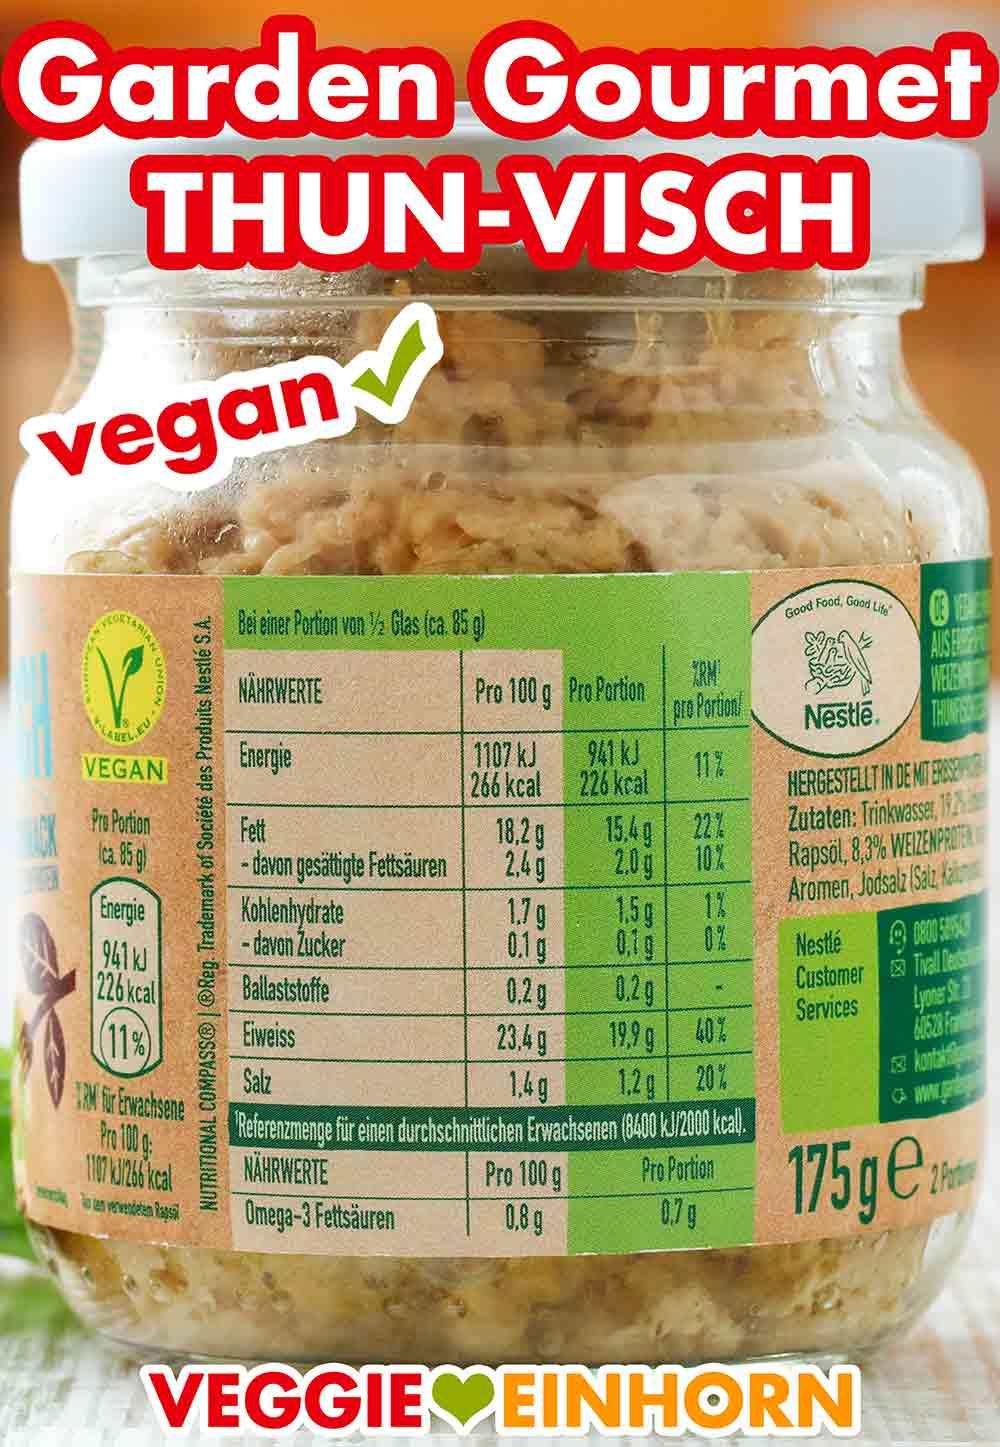 Nährwertetabelle auf dem Glas mit veganem Thunfisch